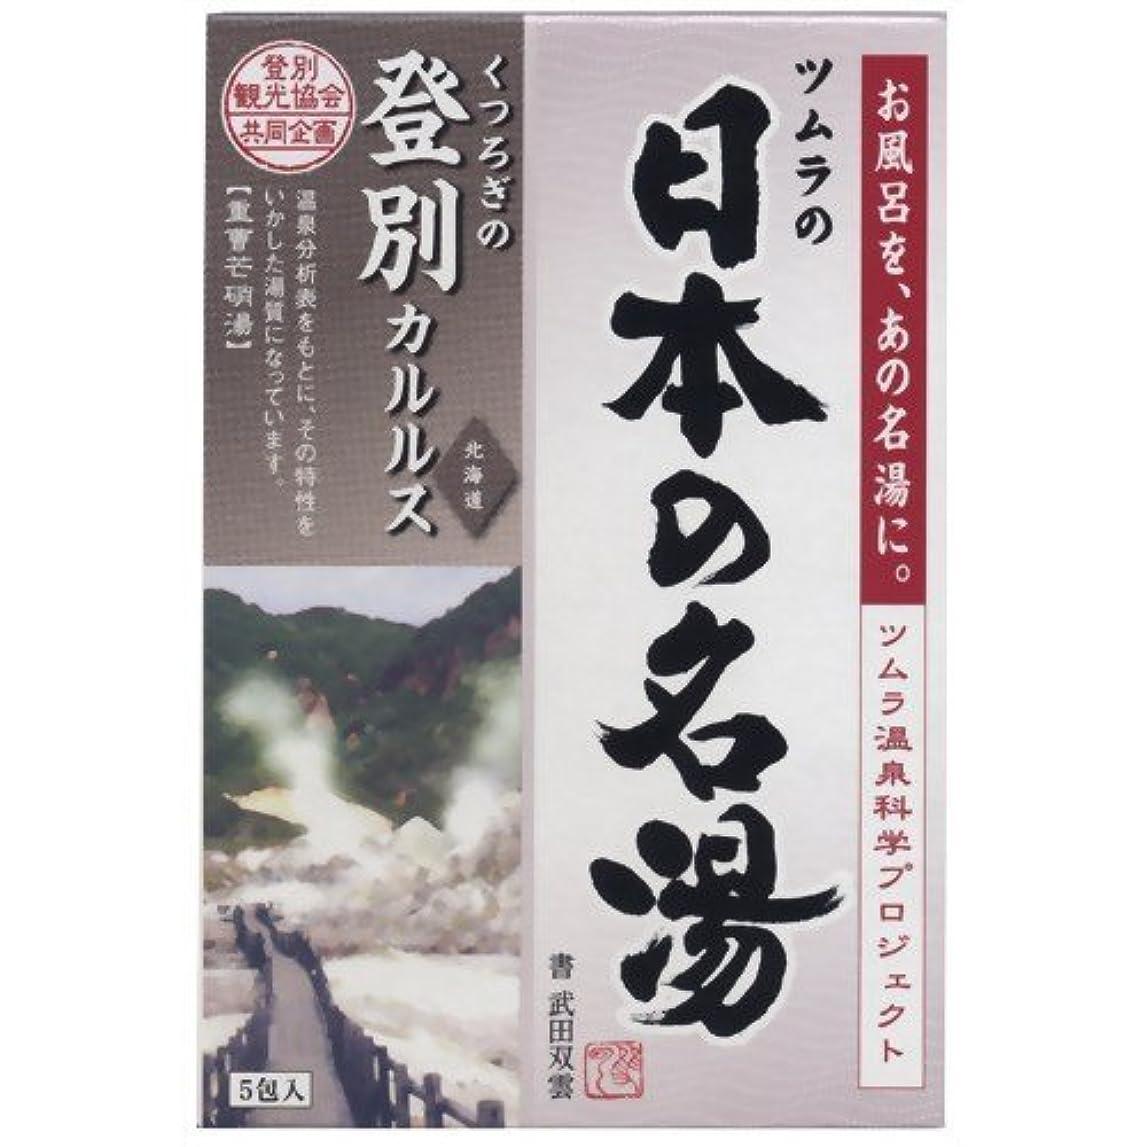 クレデンシャル枢機卿歩き回る日本の名湯 登別カルルス30g 5包入り にごりタイプ 入浴剤 (医薬部外品) × 5個セット